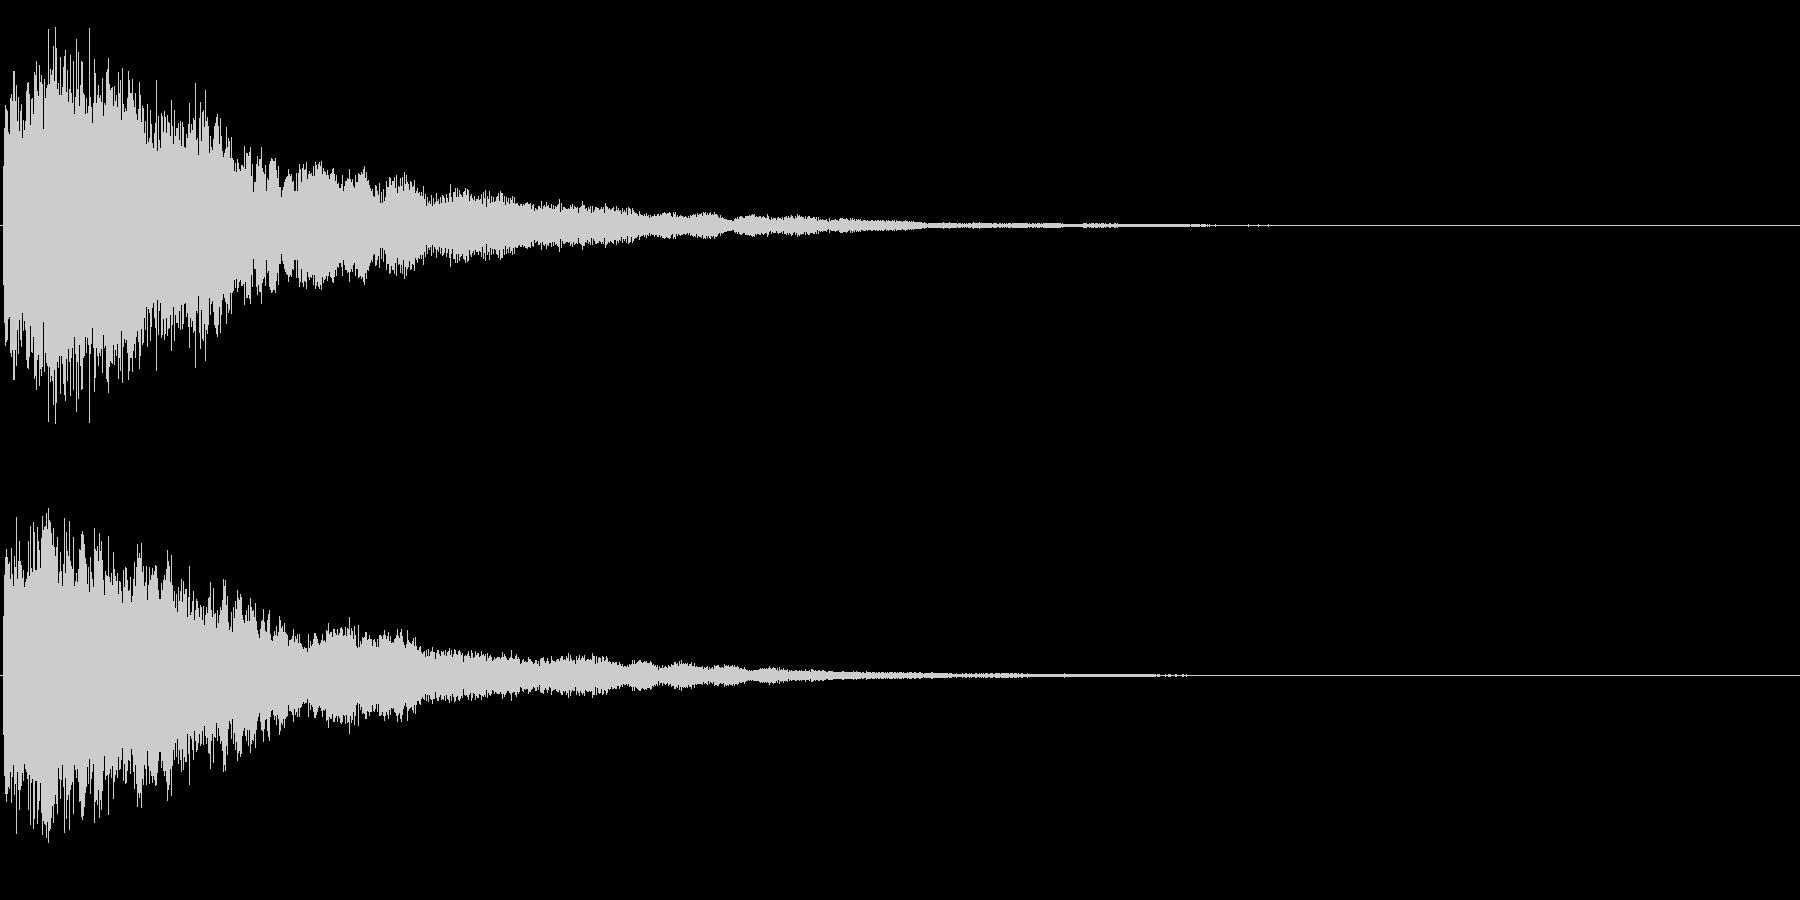 ゲームスタート、決定、ボタン音-127の未再生の波形